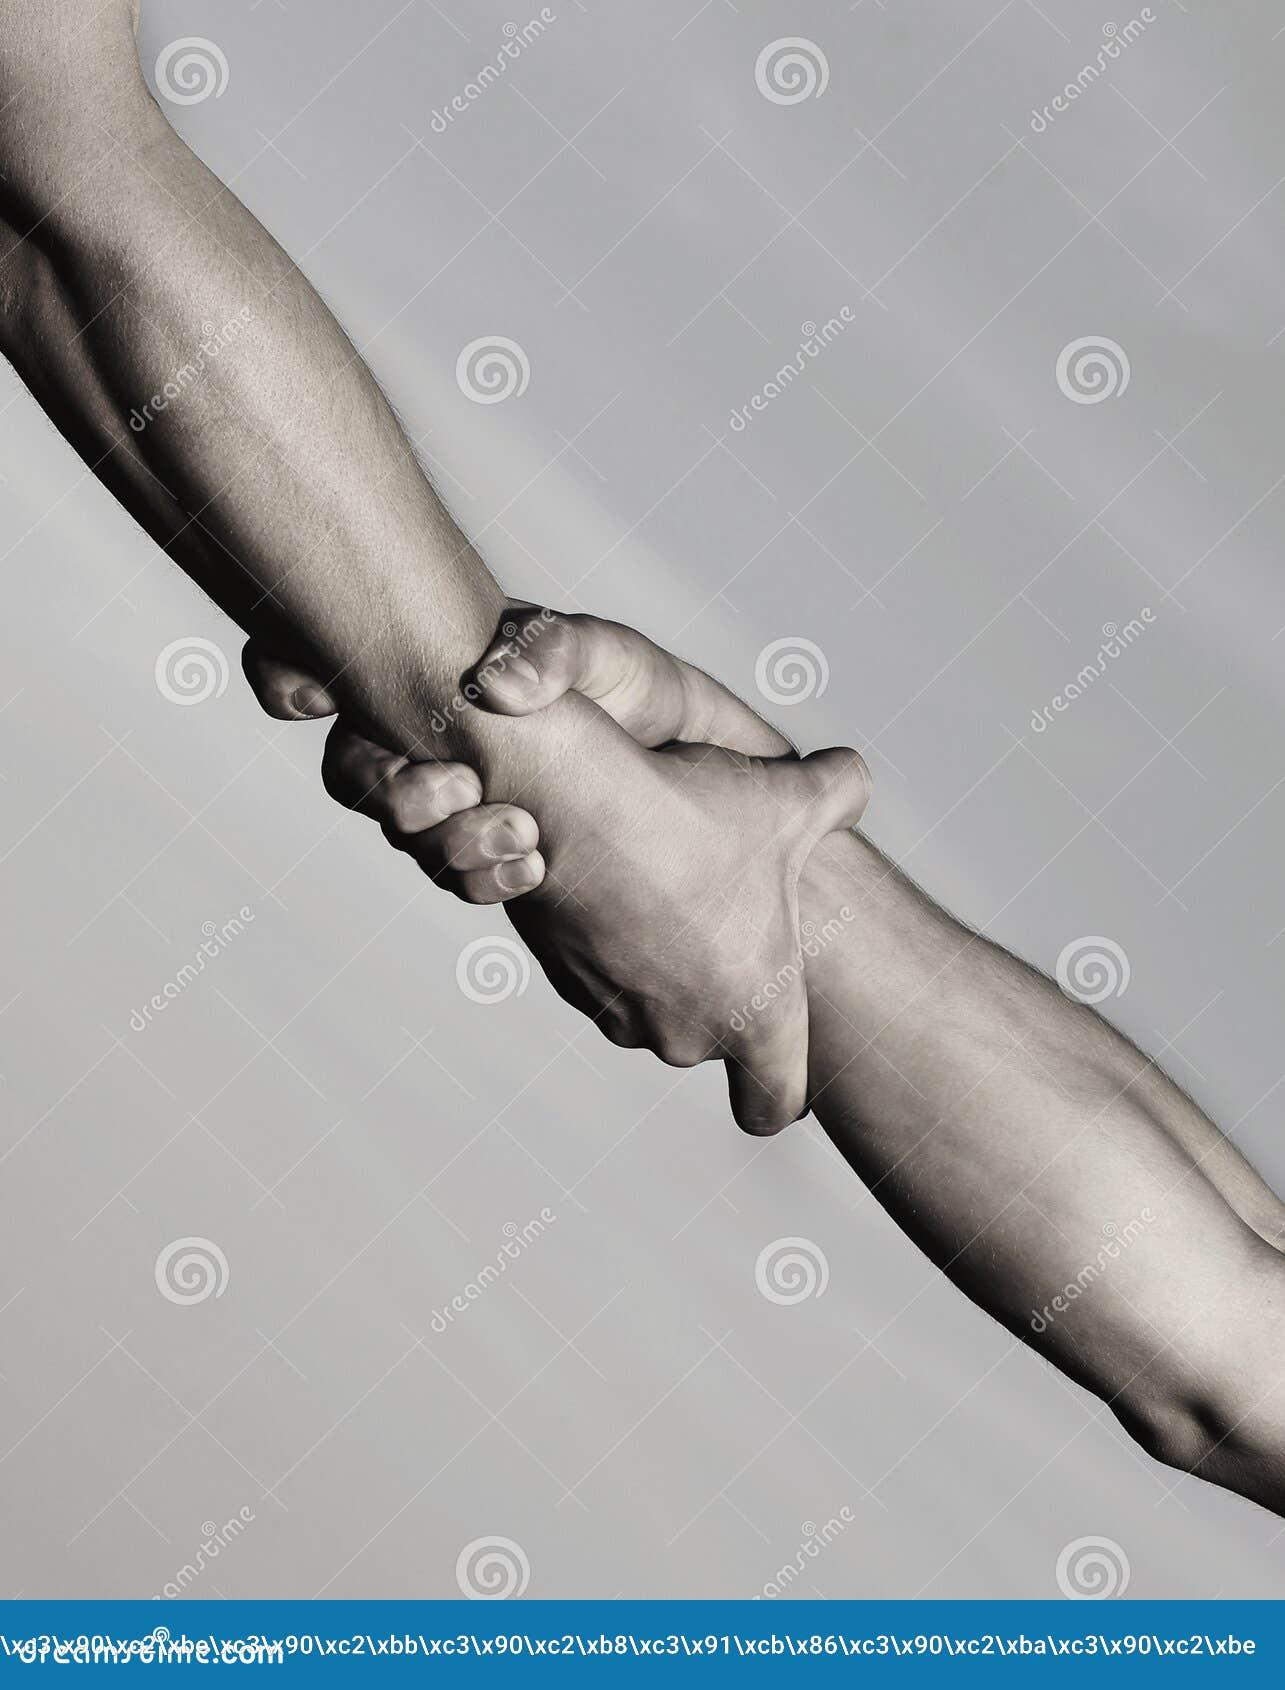 Zwei Hände, Handreichung eines Freunds Rettung, helfende Geste oder Hände Starker Einfluss Händedruck, Arme, Freundschaft